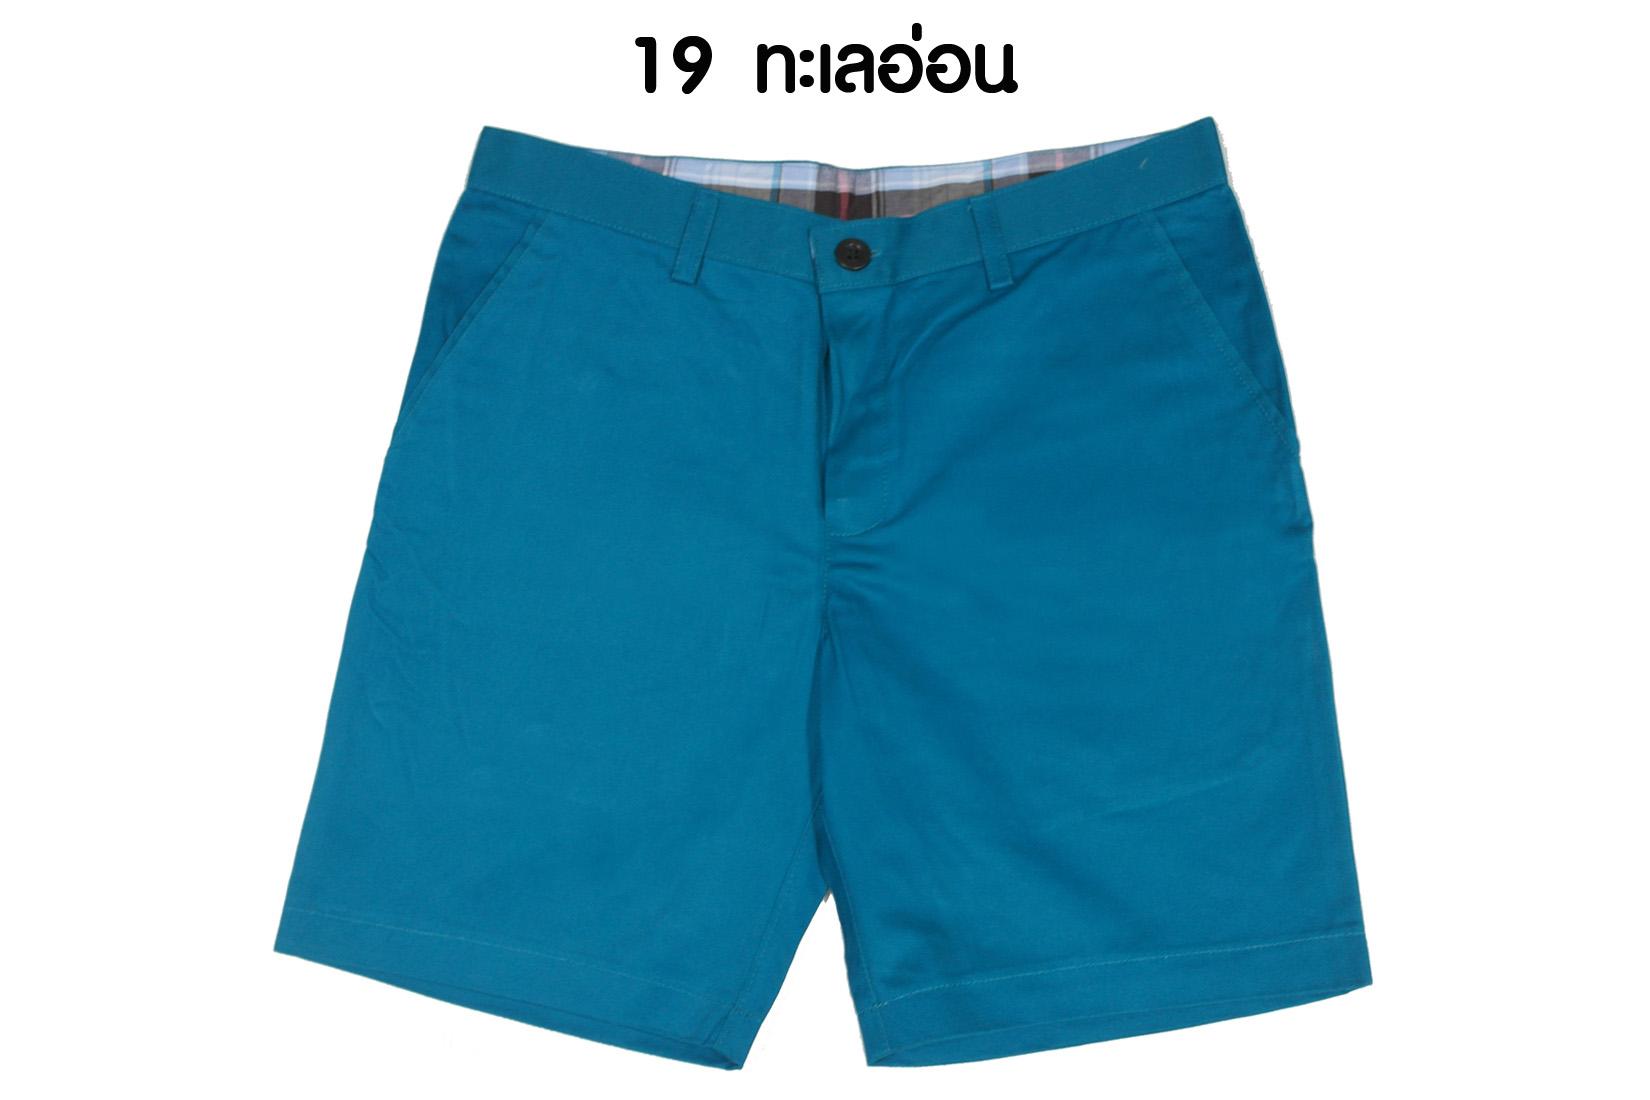 กางเกงขาสั้น รุ่น 519 (สีทะเลอ่อน)